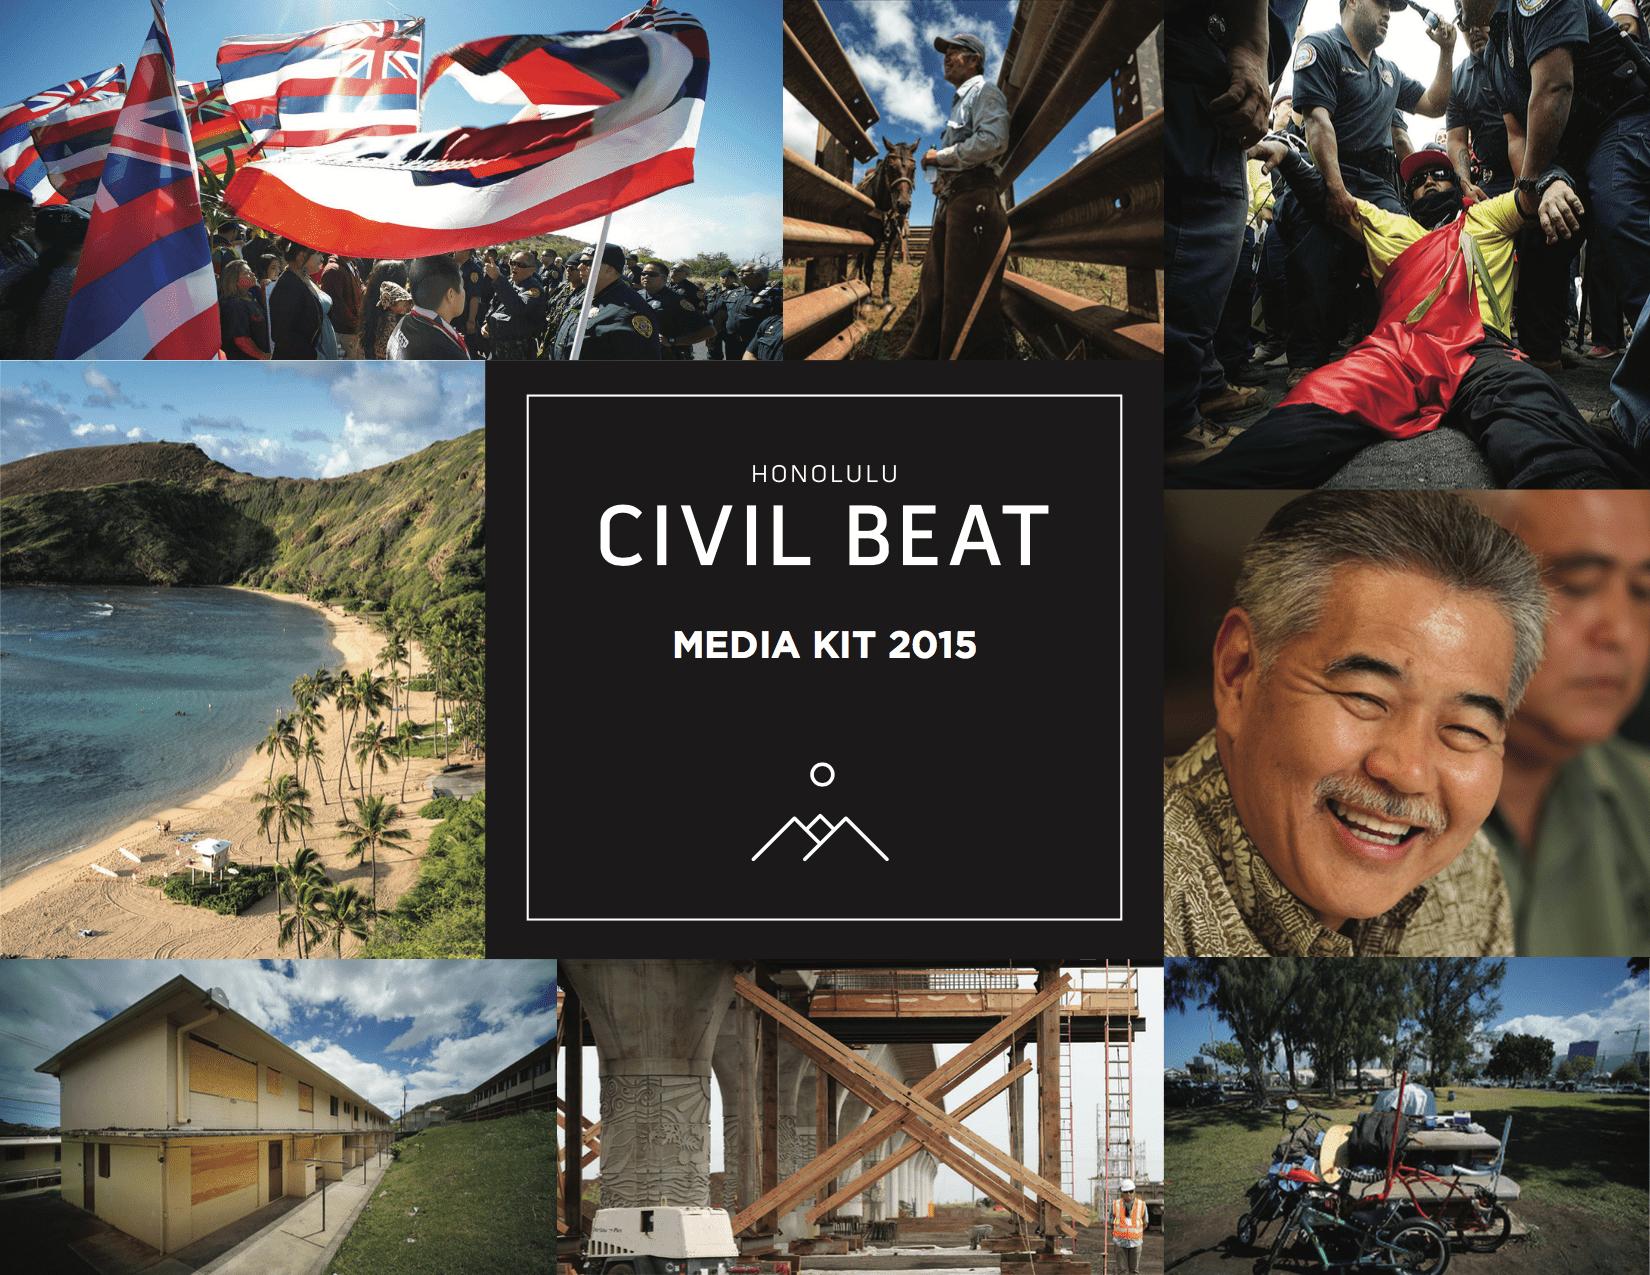 Civil Beat Media Kit 2015